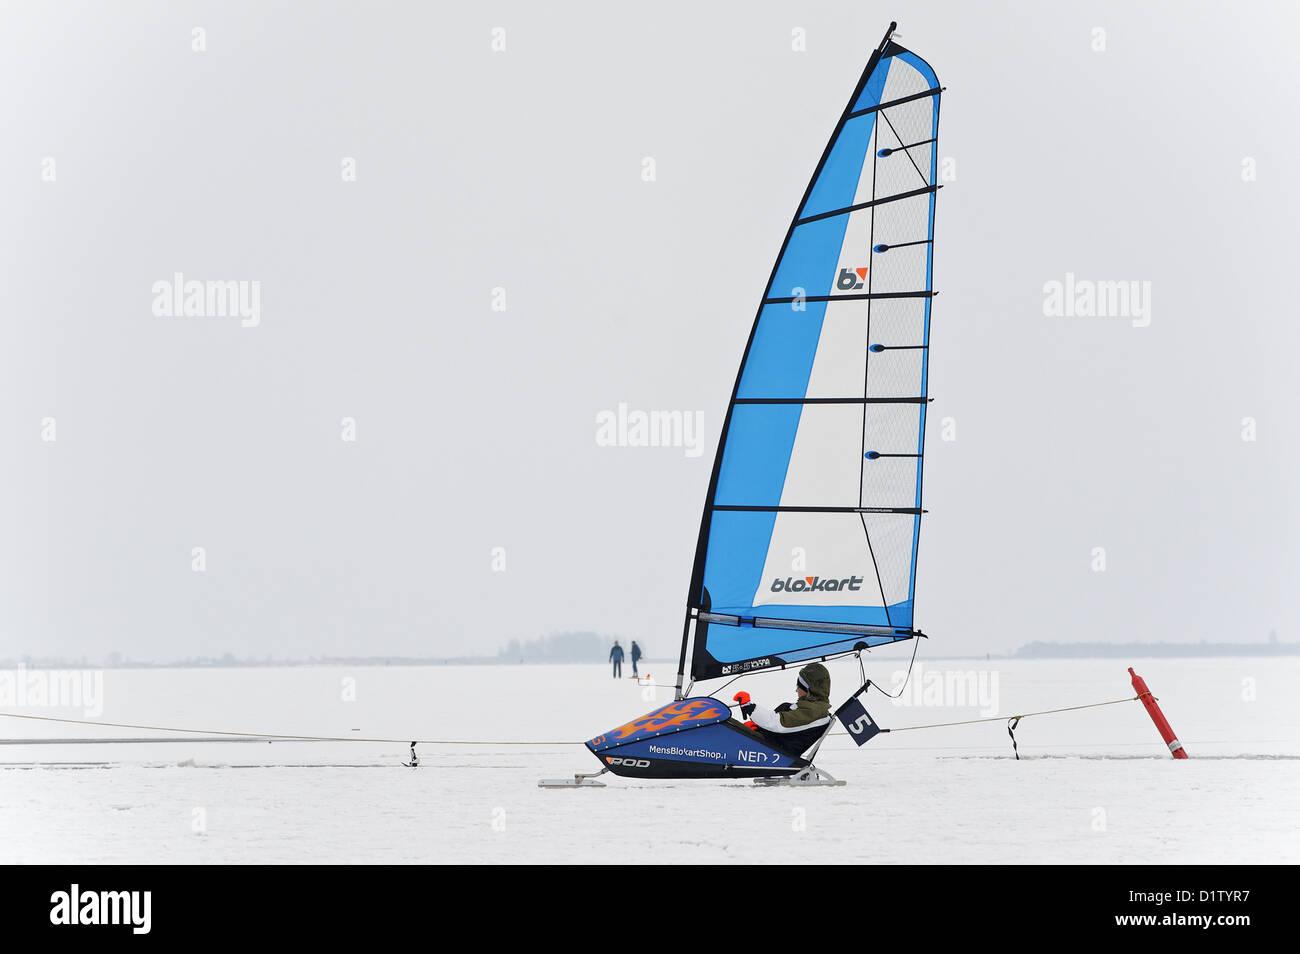 Windsurf sobre hielo en un lago congelado en los Países Bajos Imagen De Stock